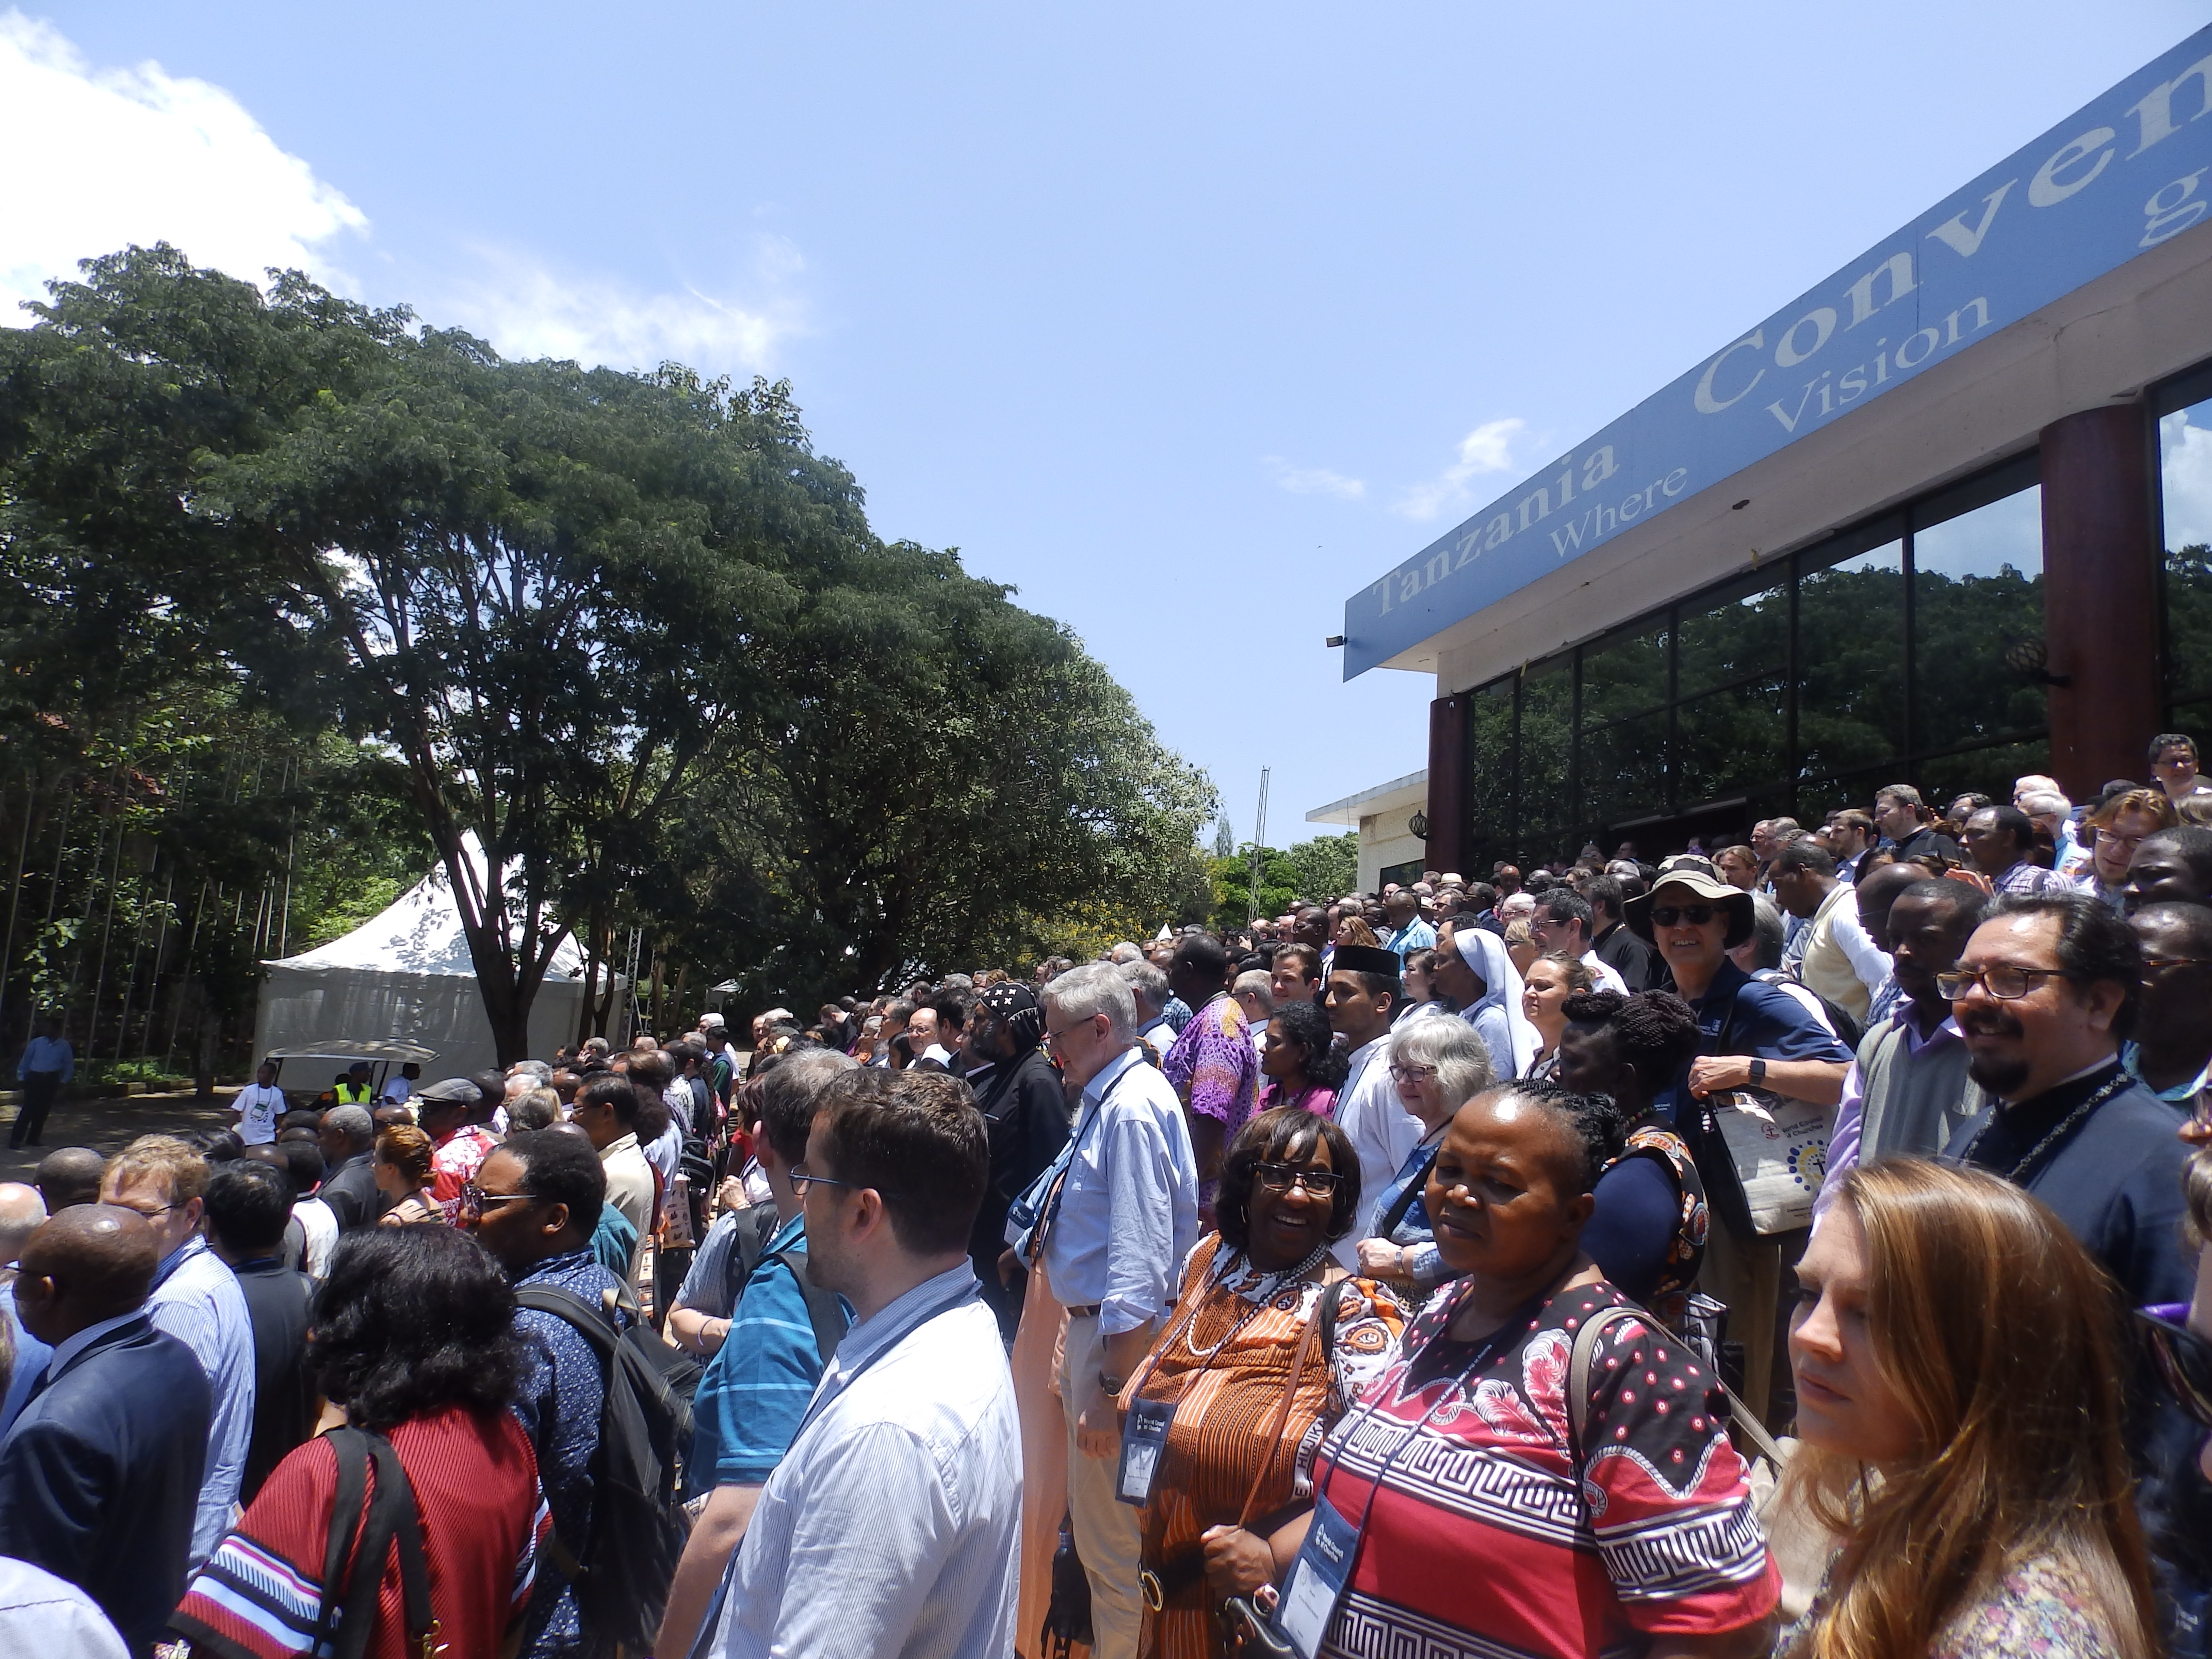 1024 délégués venus des églises membres du COE